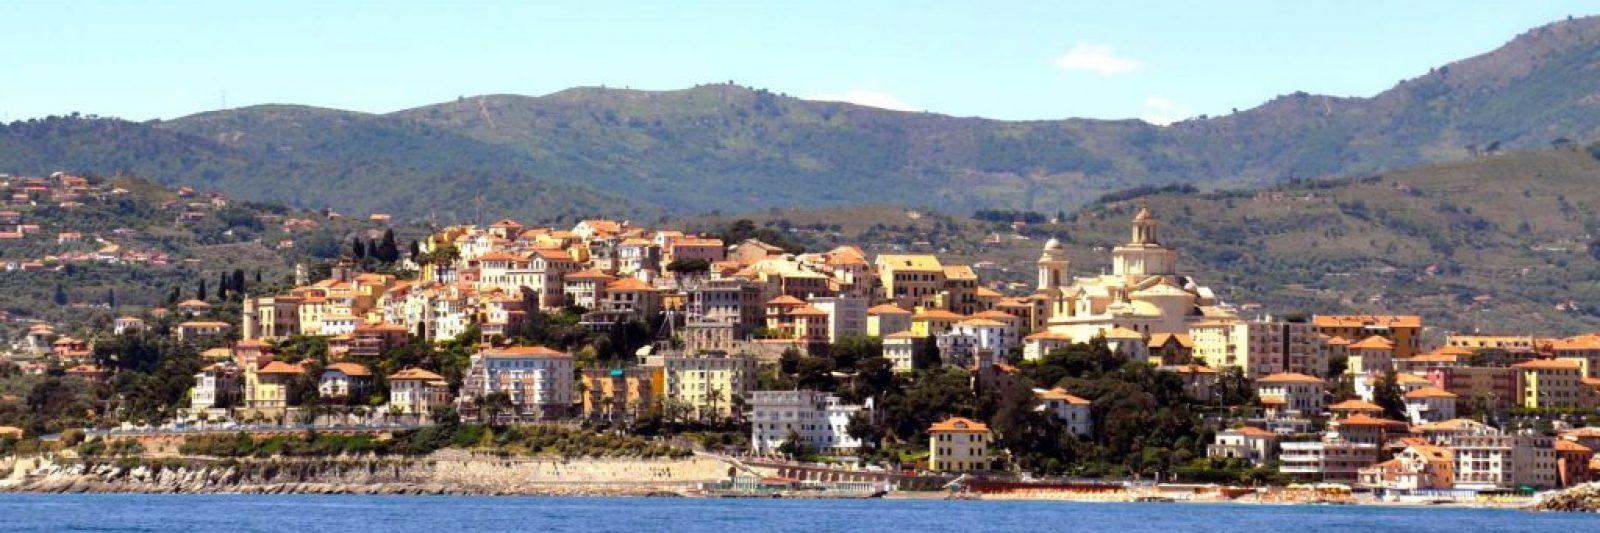 Porto Maurizio vom Meer aus. Ferienhaus in Ligurien mit Blick auf das Meer. Auf dem Colle Lupi bei Dolcedo.